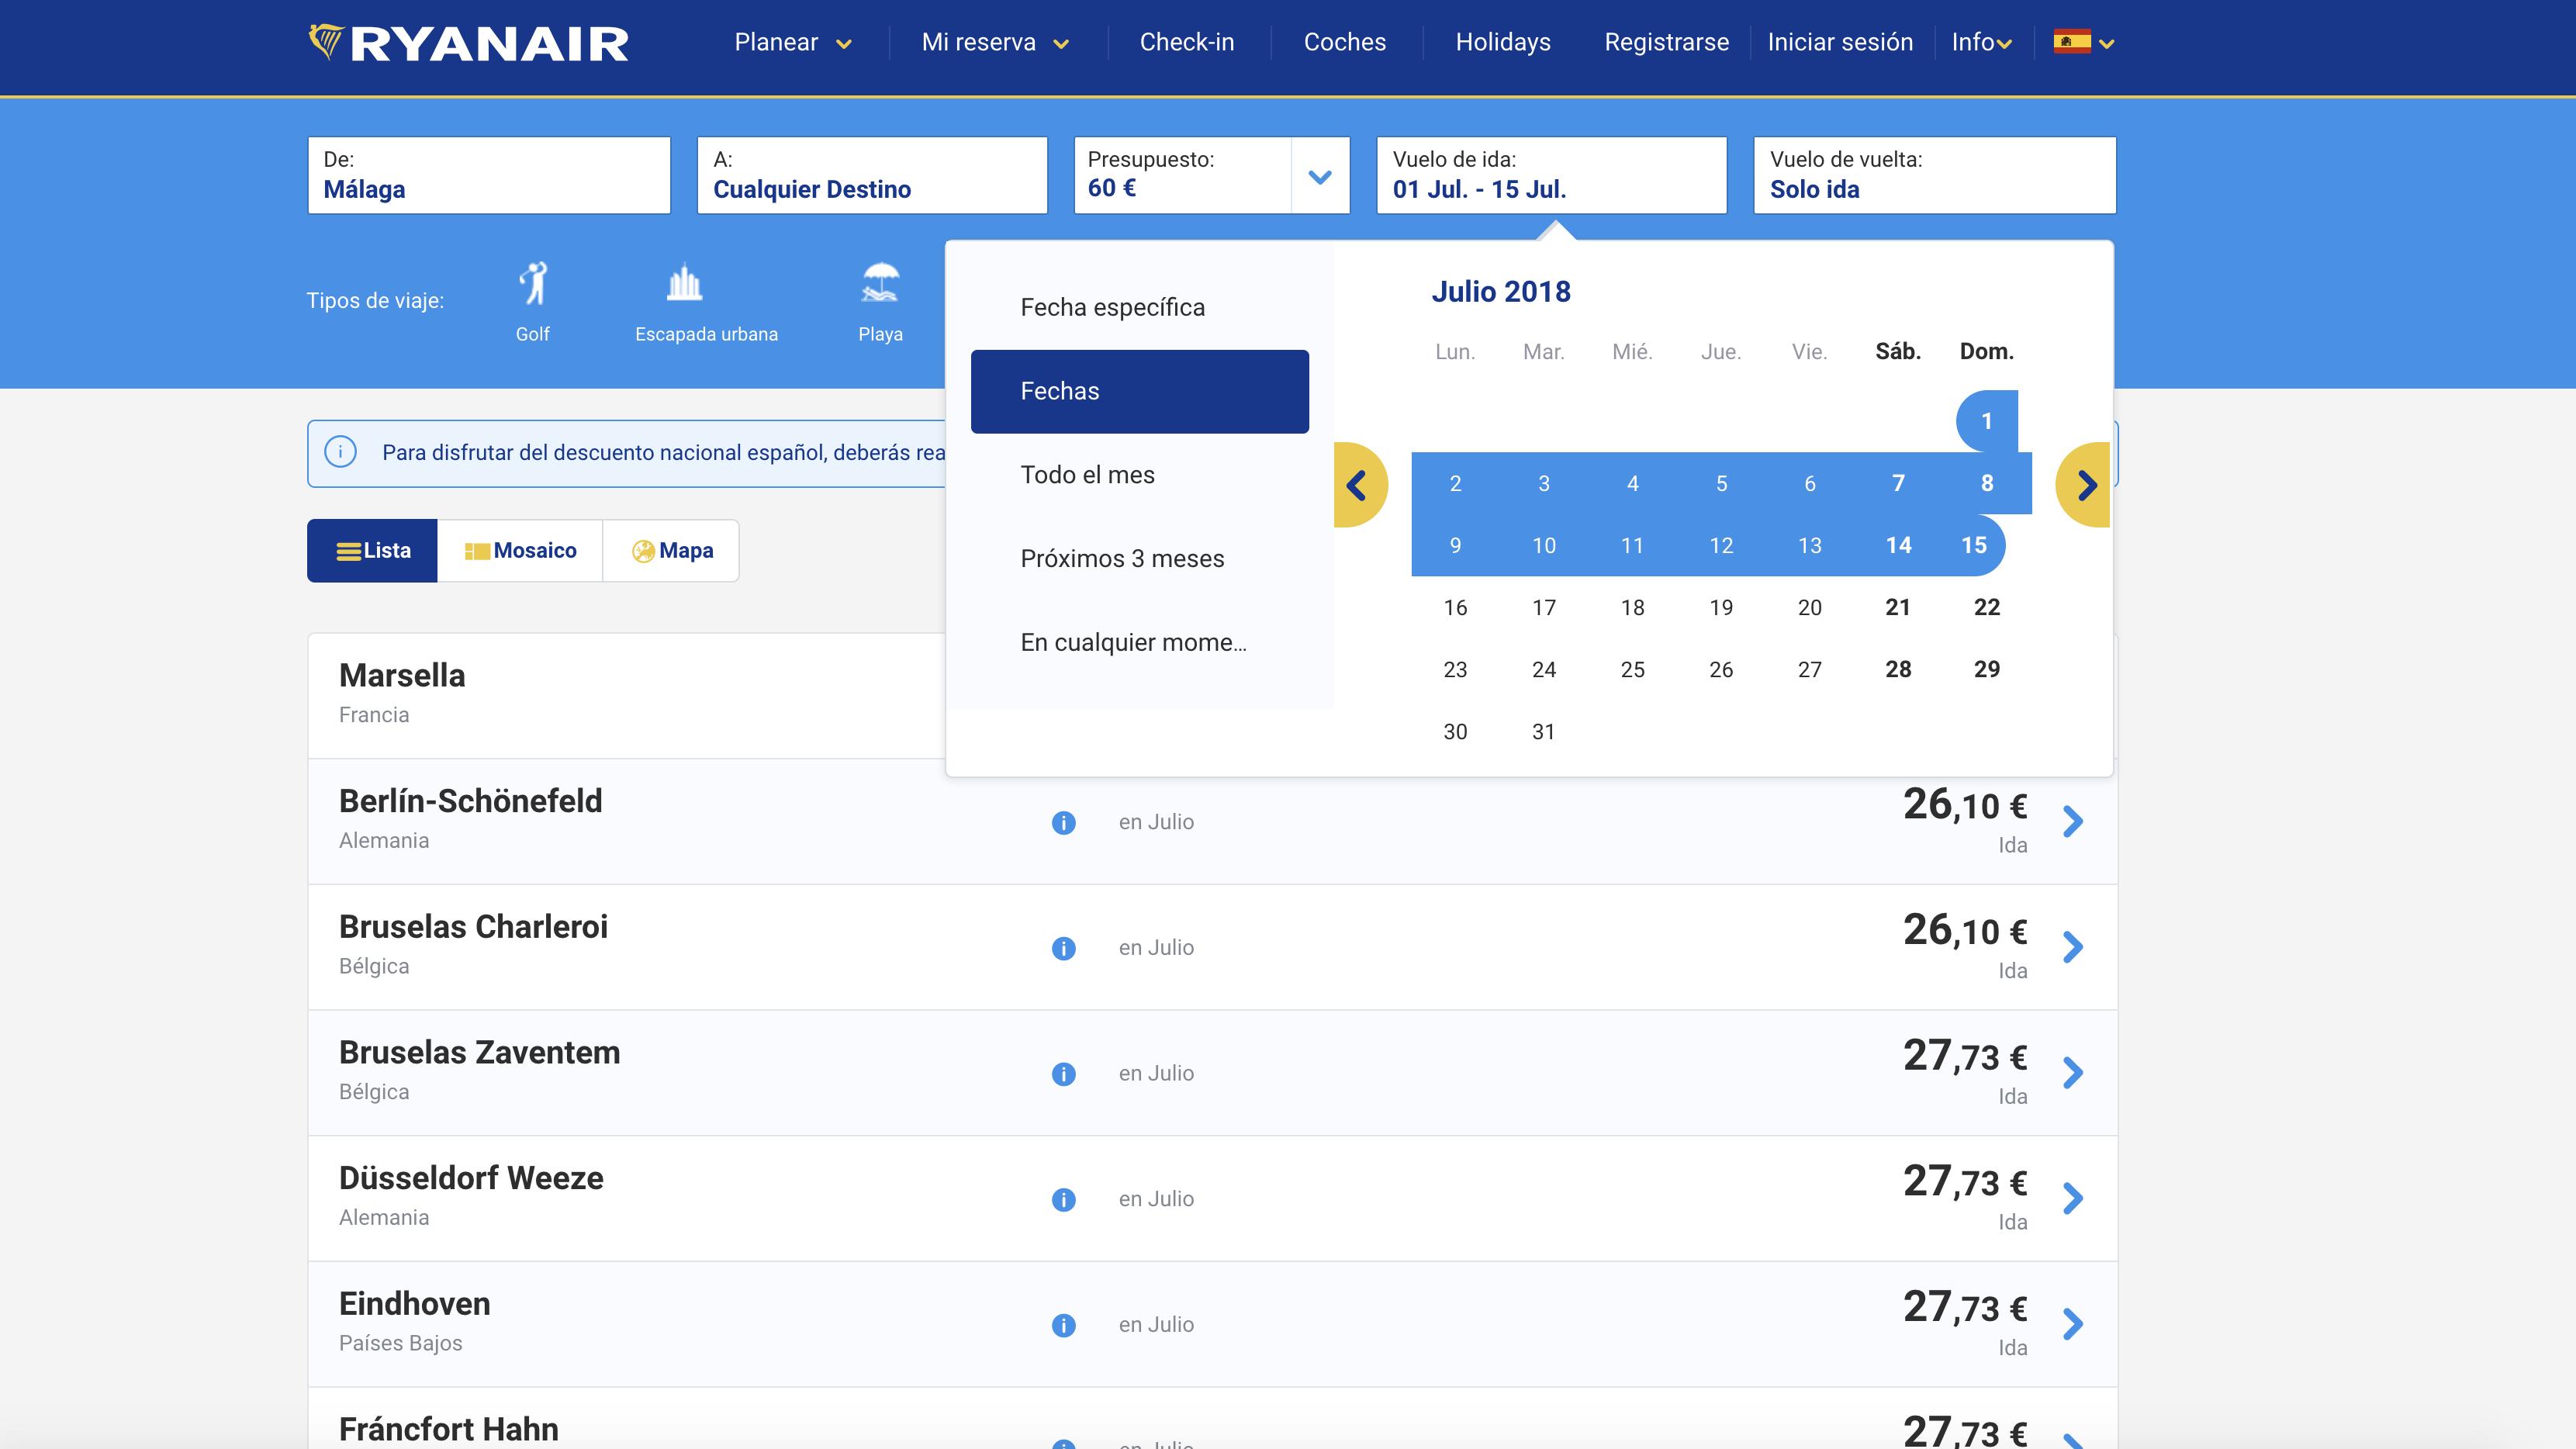 Buscador de vuelos Ryanair